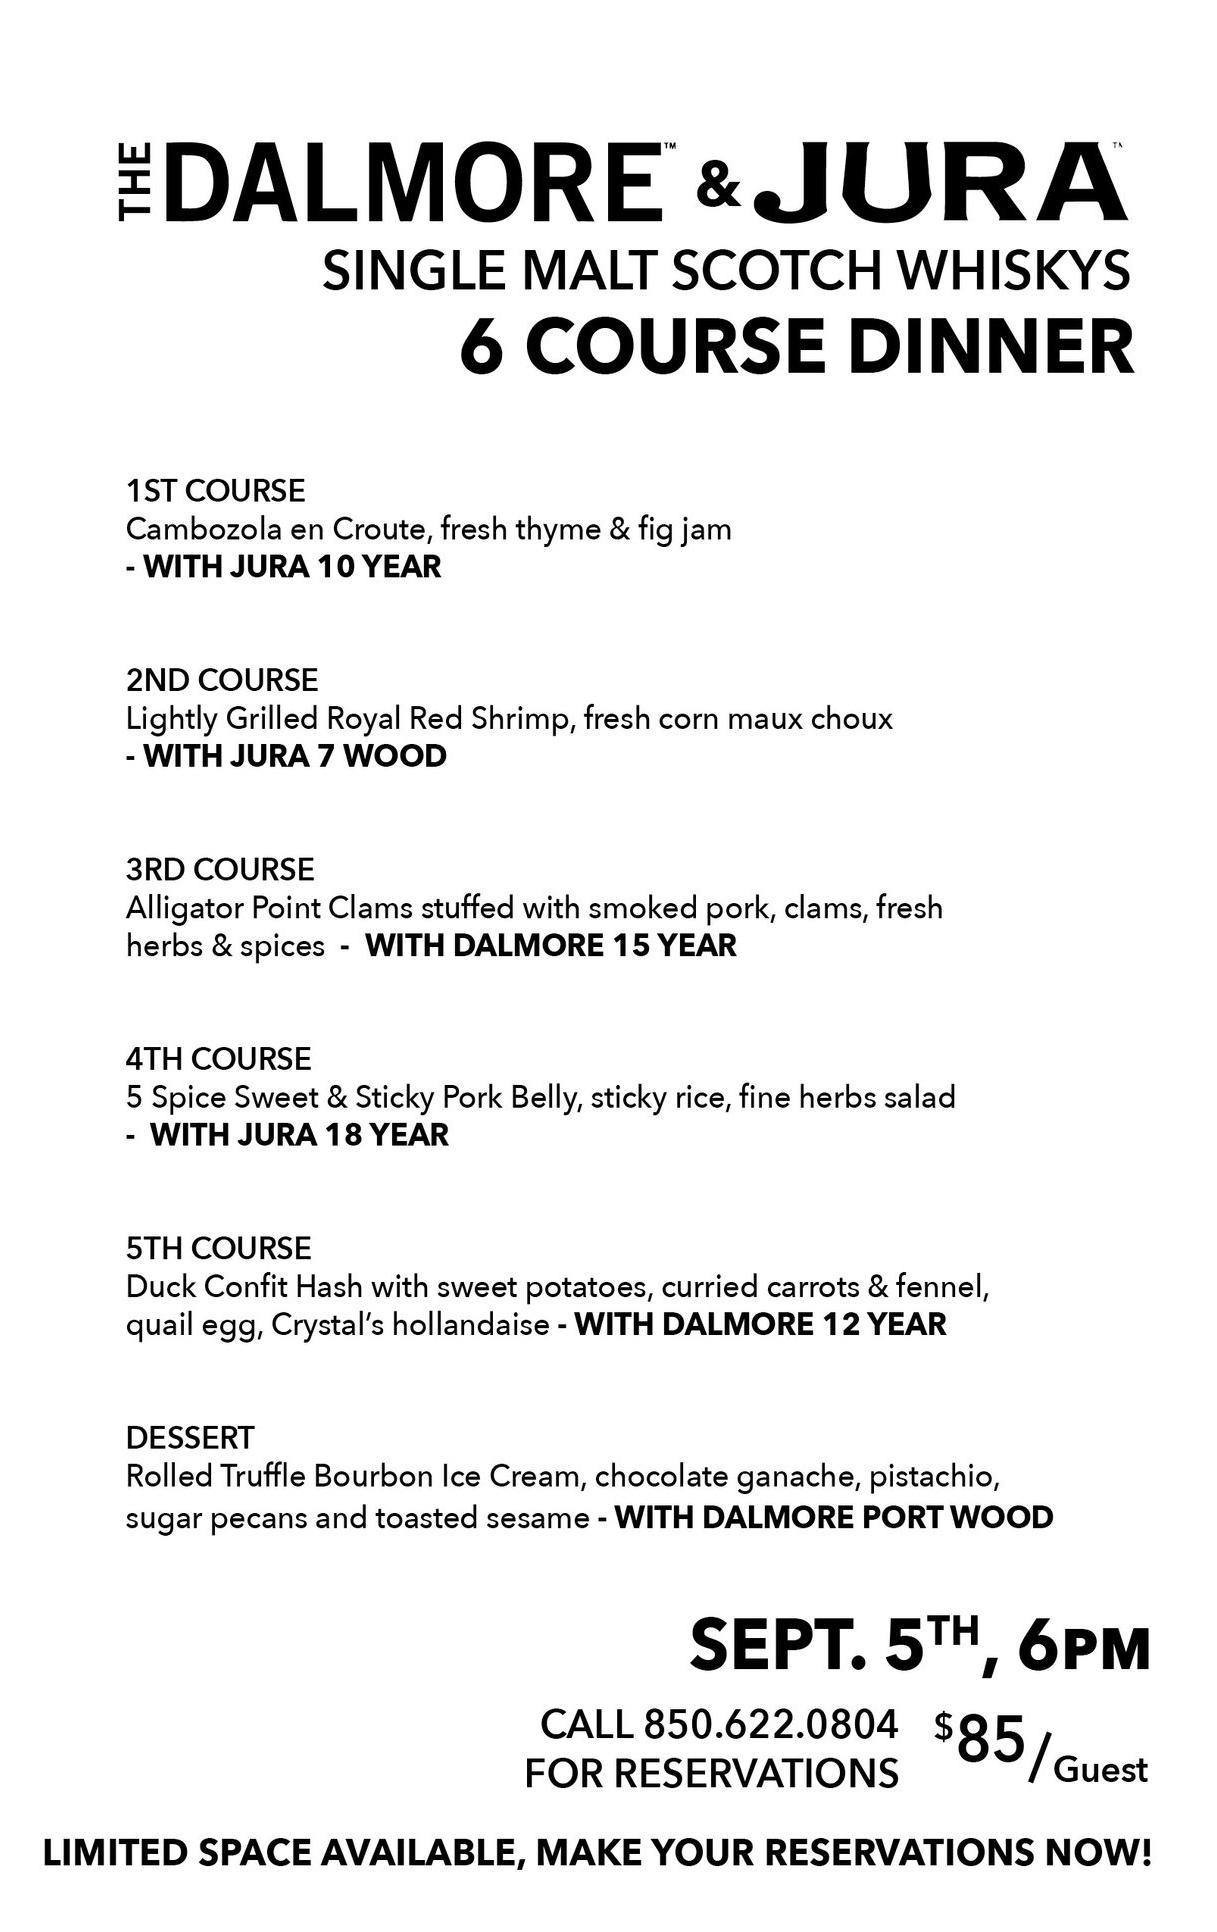 Dalmore_Jura Dinner Flyer2.jpg